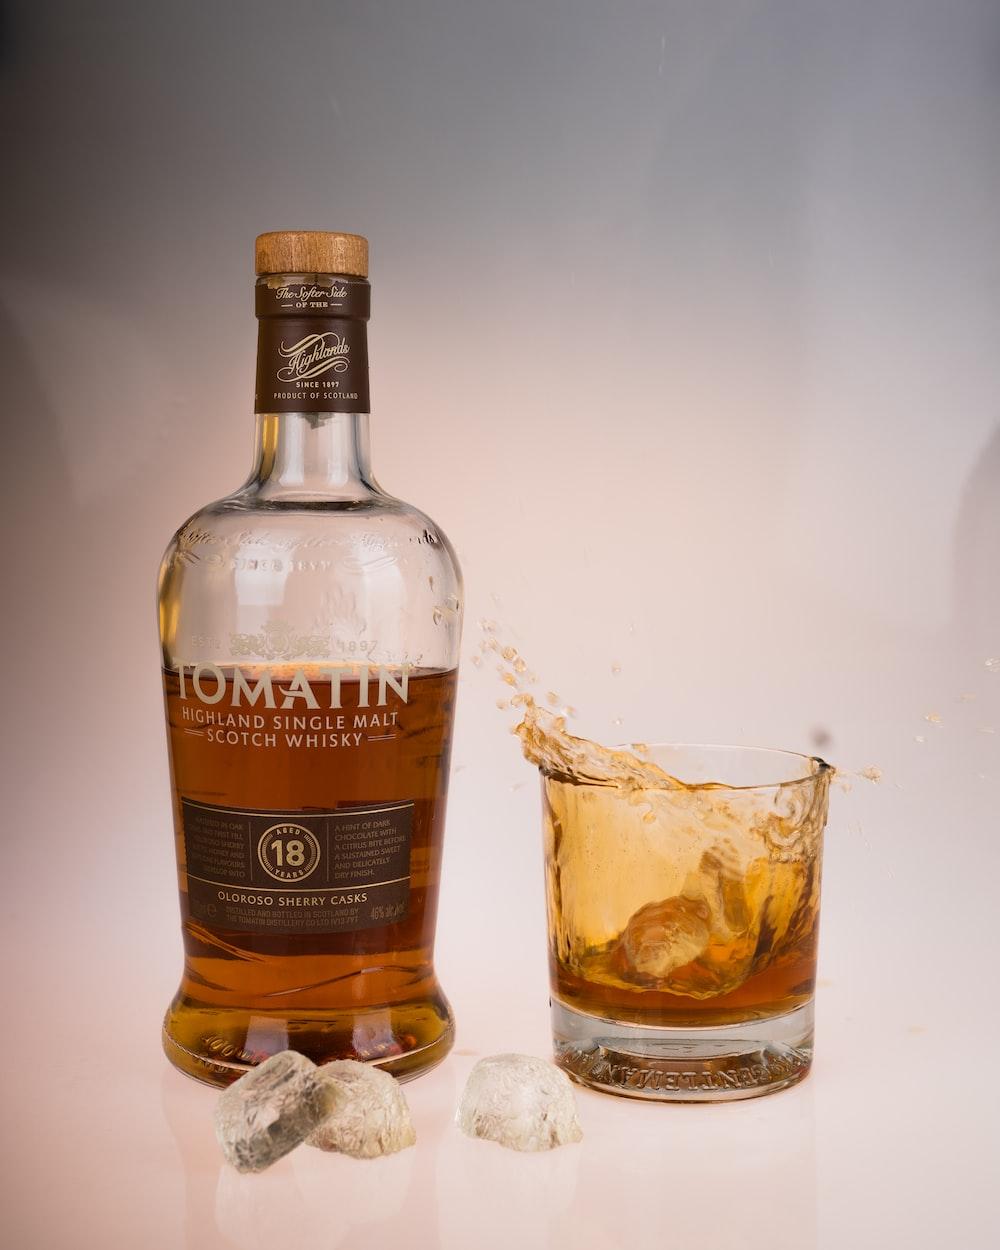 full clear glass beside Tomatin whisky bottle